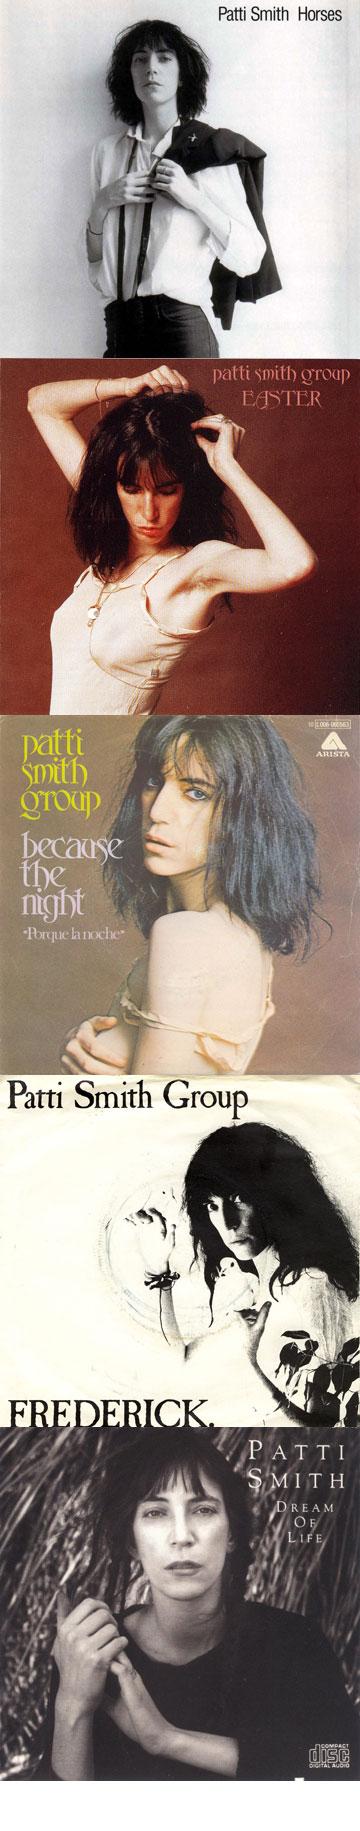 אלבומים של פטי סמית לאורך השנים. משחקת על המראה הגברי בלי לאבד את הפגיעות שלה